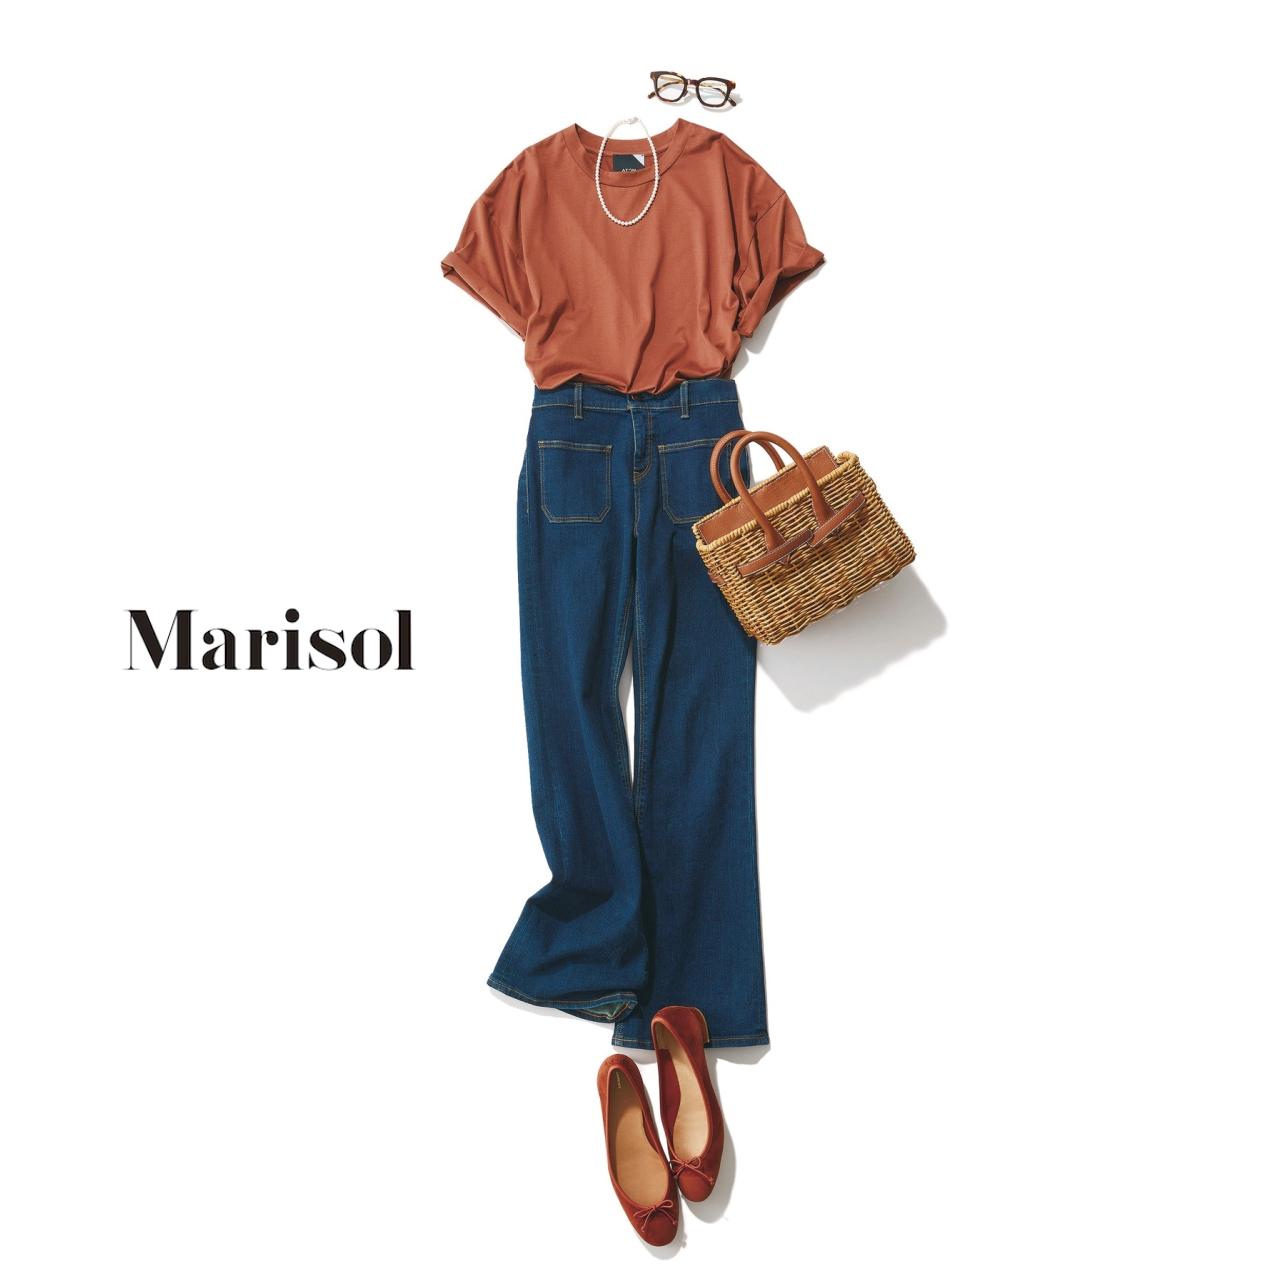 40代ファッション オレンジブラウンTシャツ×デニムパンツコーデ